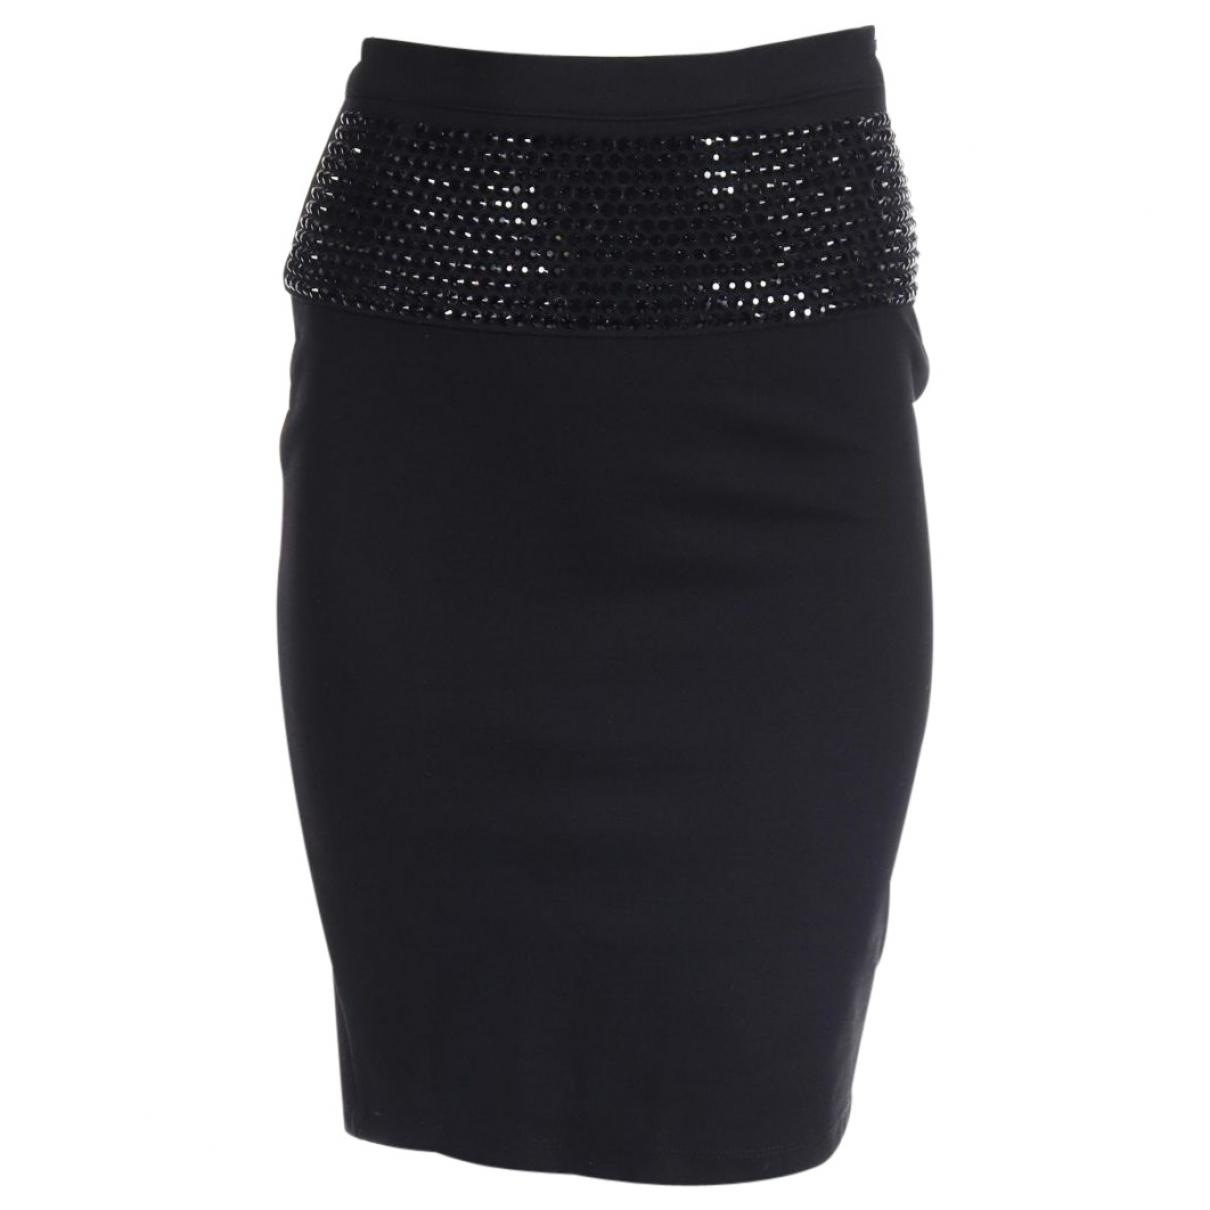 Philipp Plein \N Black skirt for Women S International